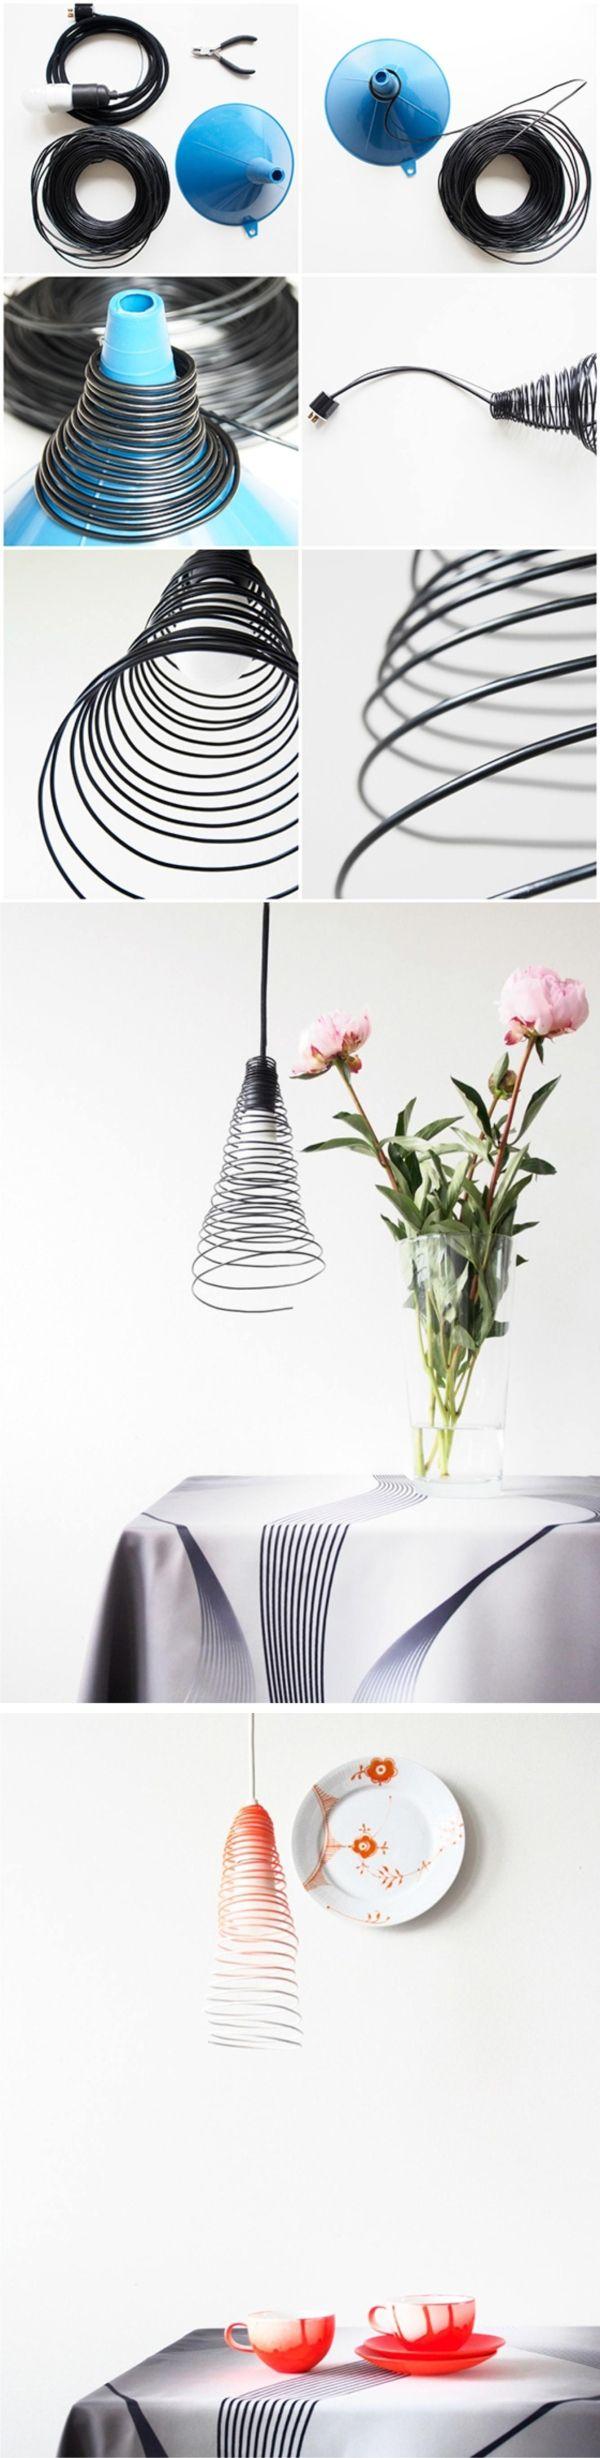 Lampara con alambre recubierto | Muy Ingenioso by arioco